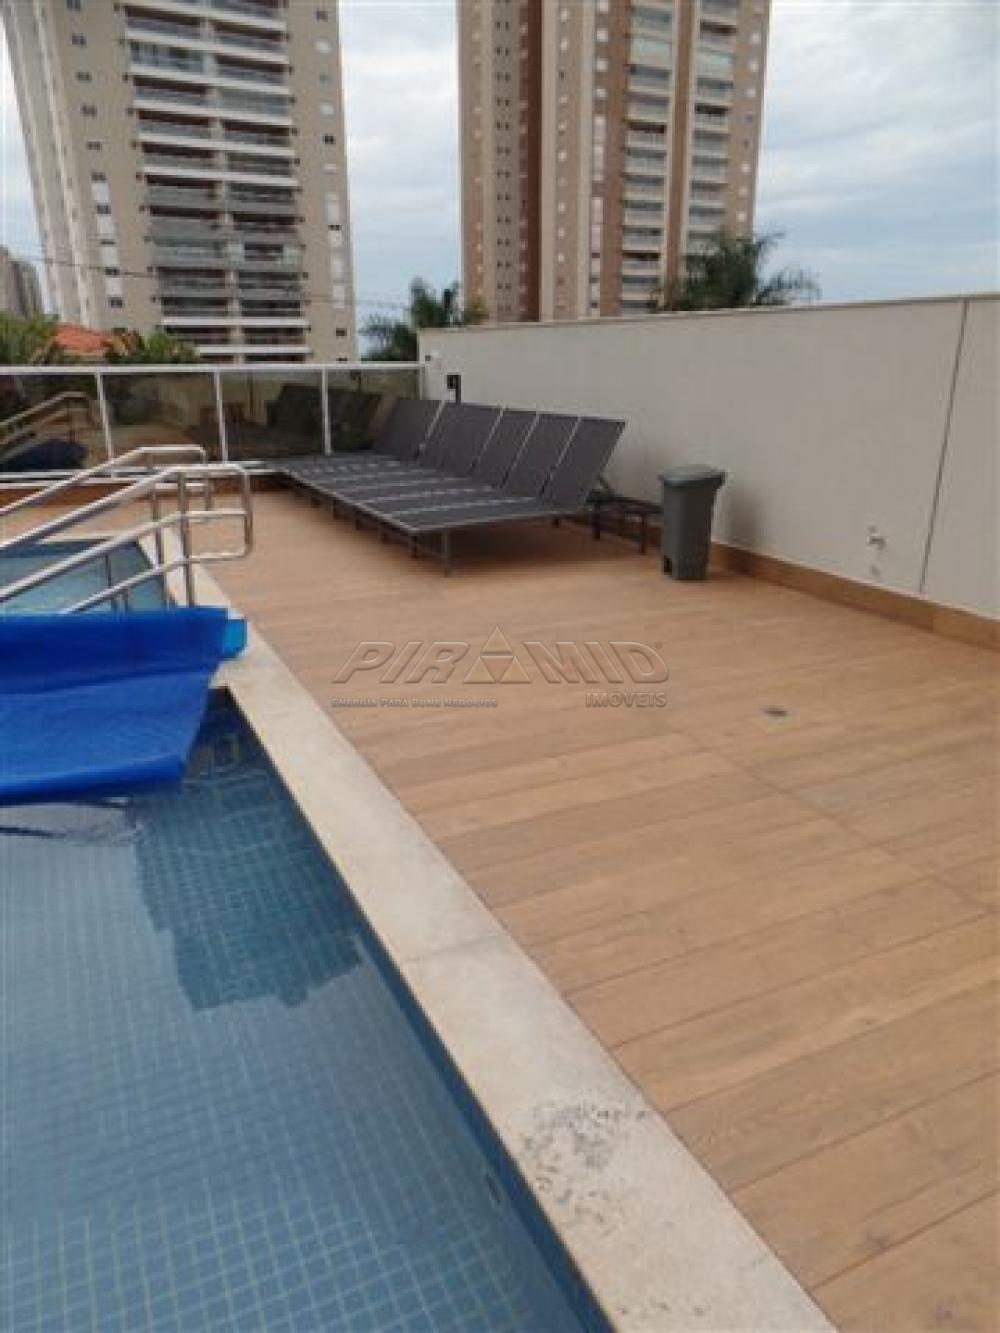 Alugar Apartamento / Padrão em Ribeirão Preto apenas R$ 3.500,00 - Foto 41